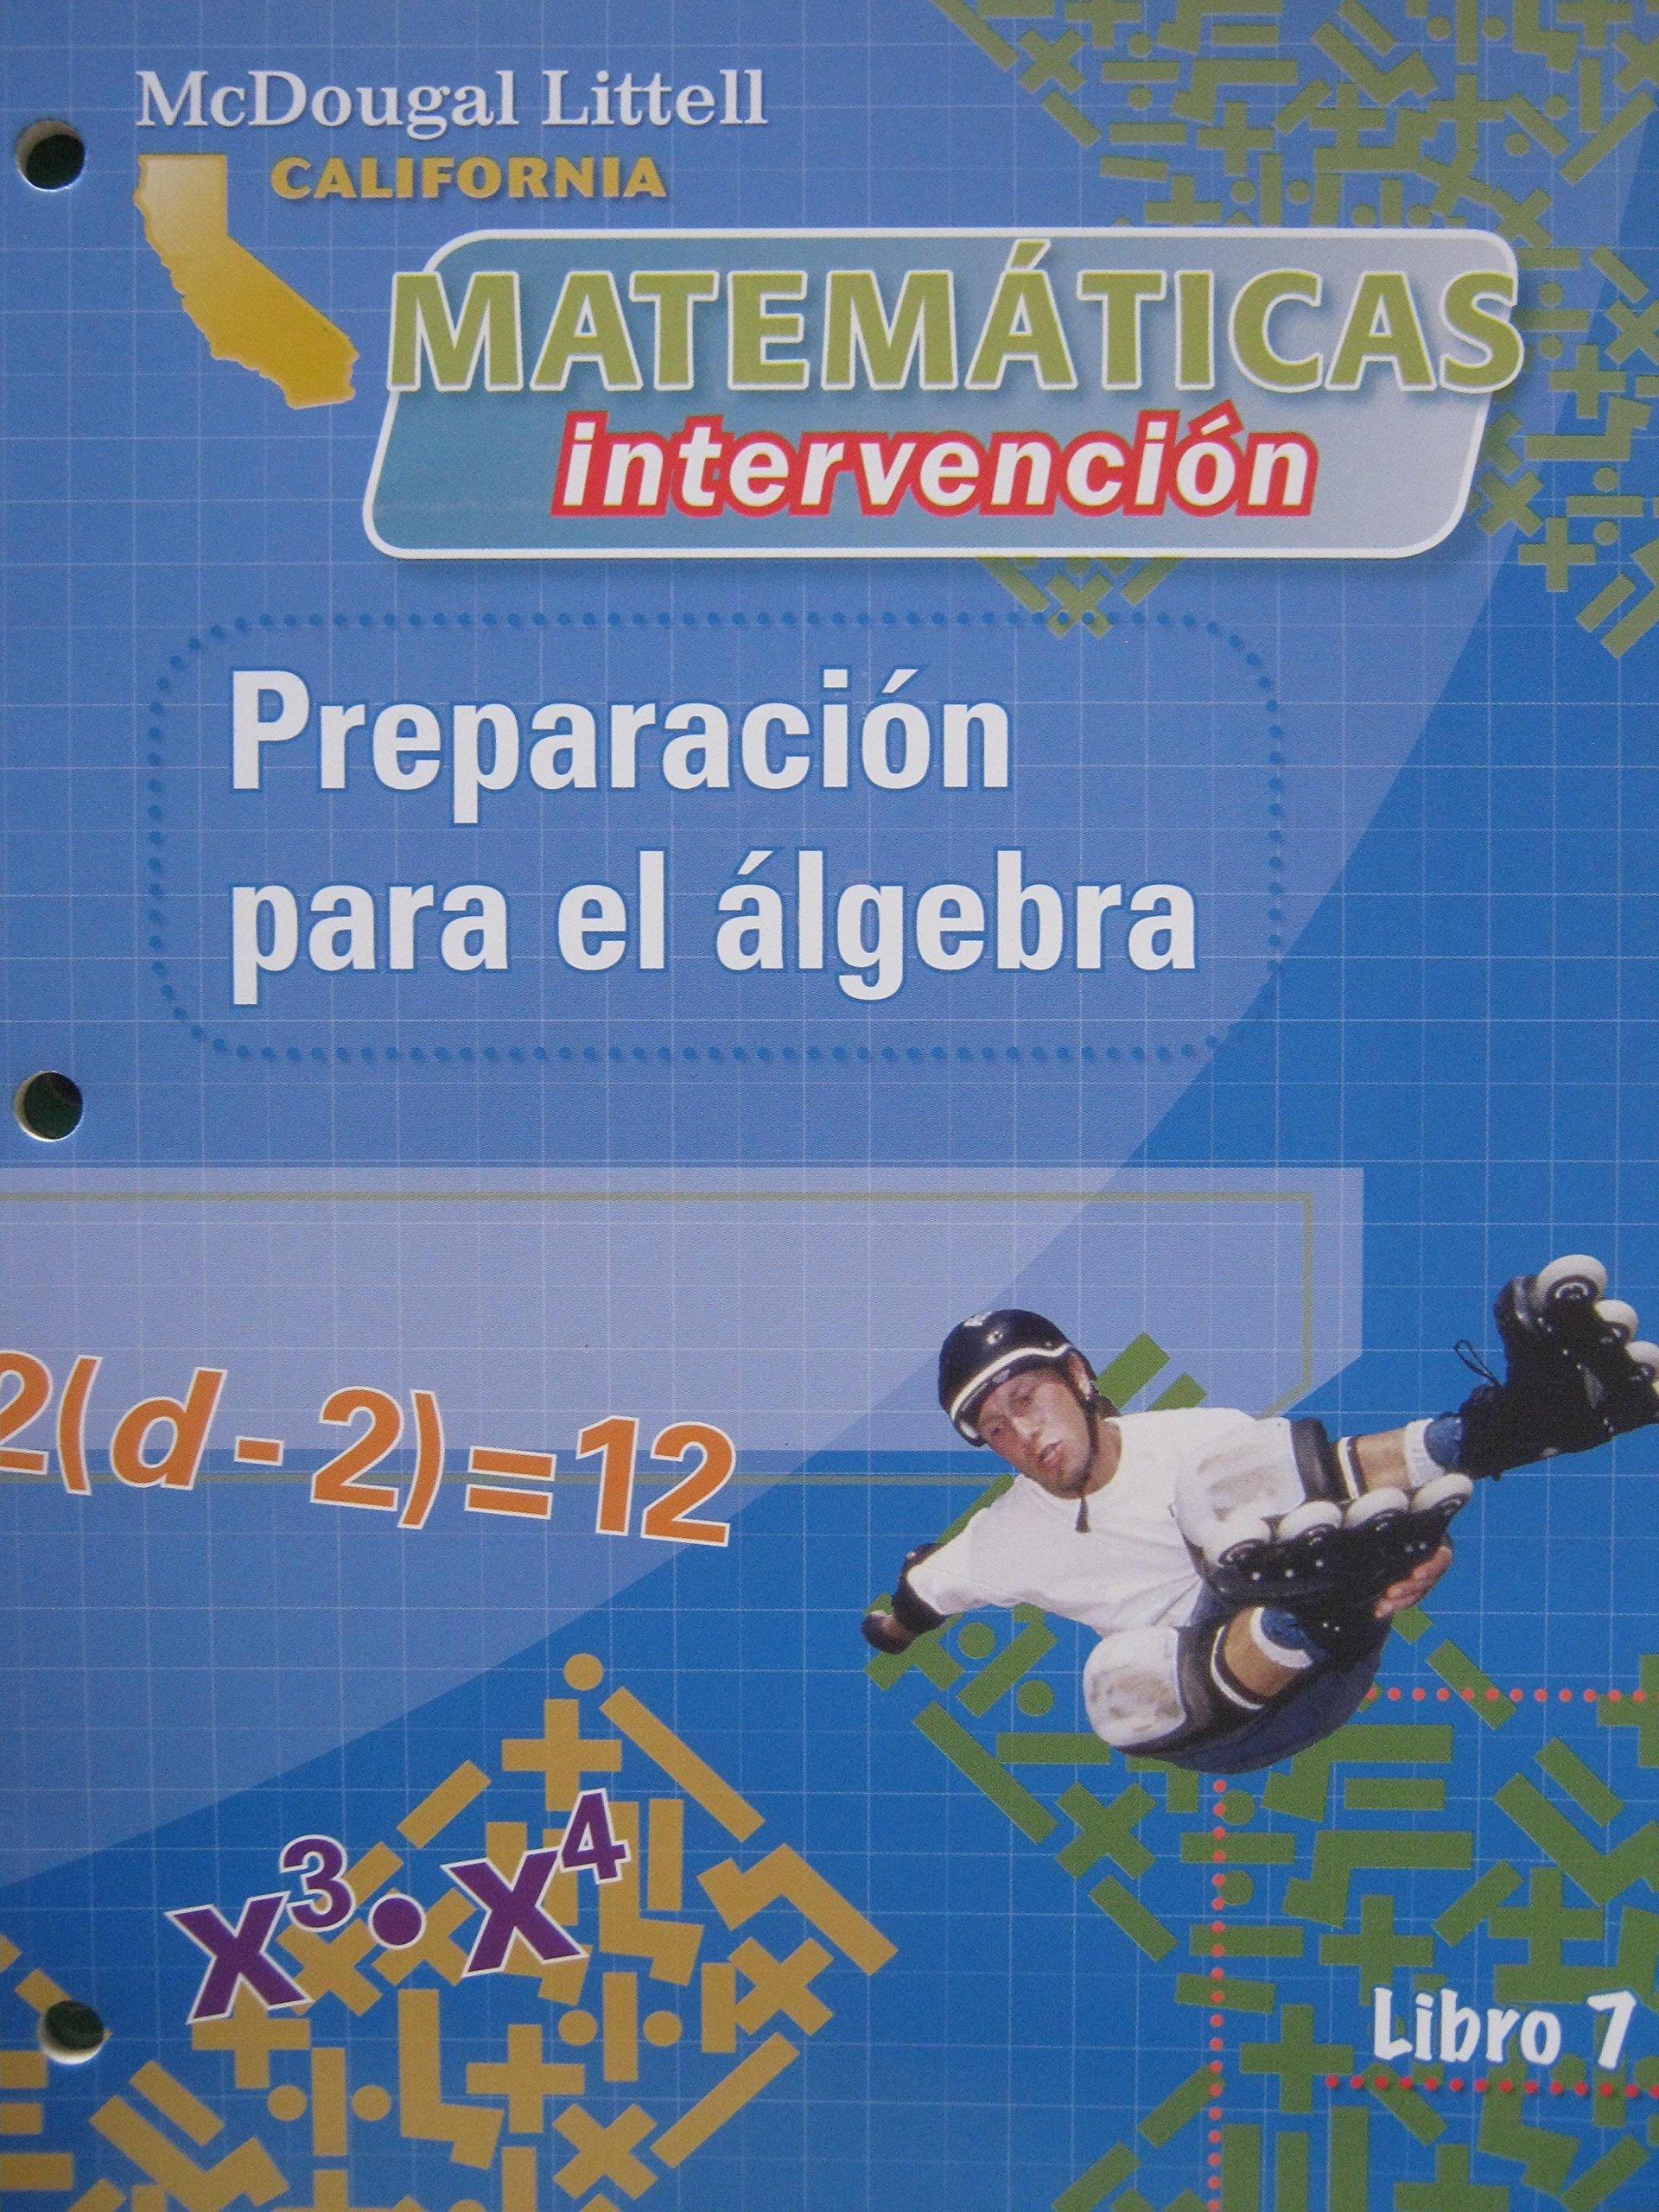 California Matematicas intervencion Libro 7 Preparacion para el algebra Paperback – 2008